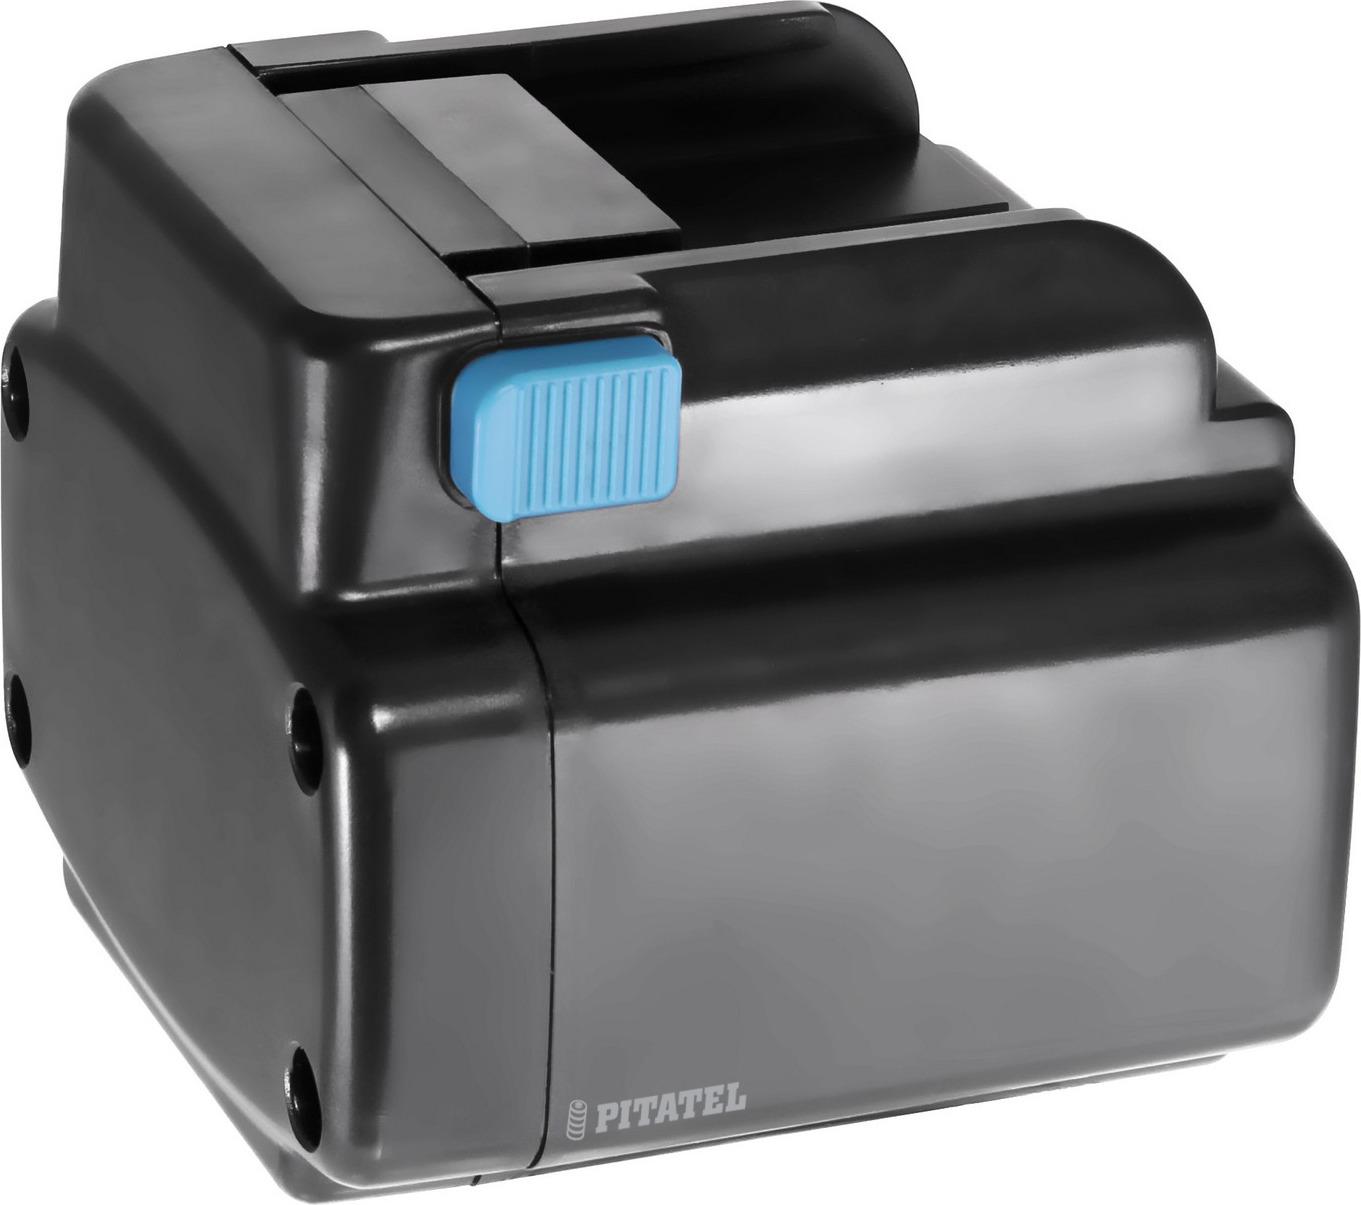 Аккумулятор для инструмента HITACHI Pitatel TSB-029-HIT24-20C, черный аккумулятор для инструмента pitatel для hitachi tsb 062 hit72 30m